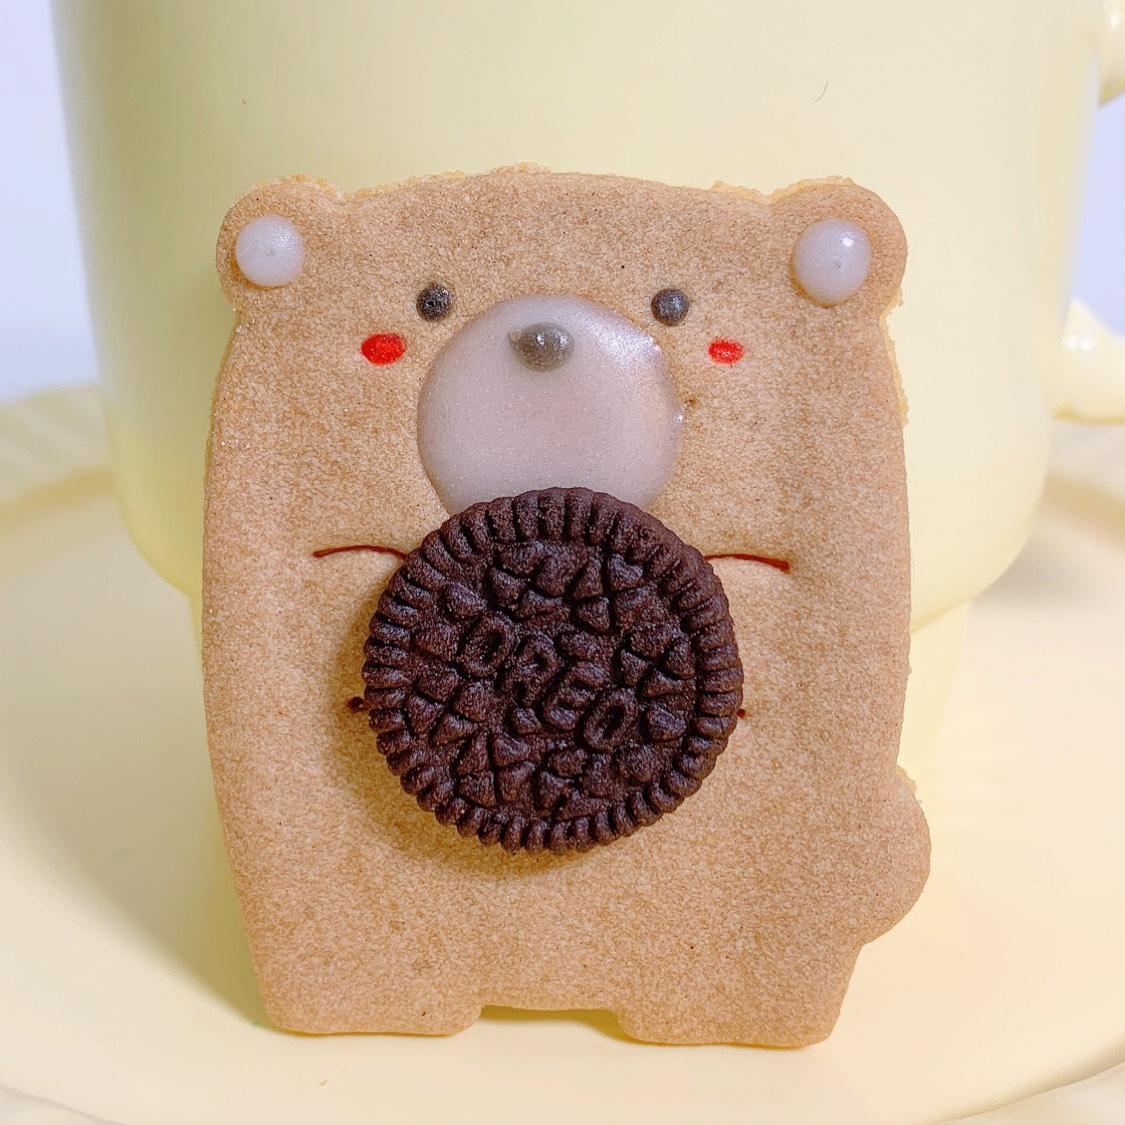 呆萌可爱❗️黄油曲奇饼干🍪奥利奥小熊饼